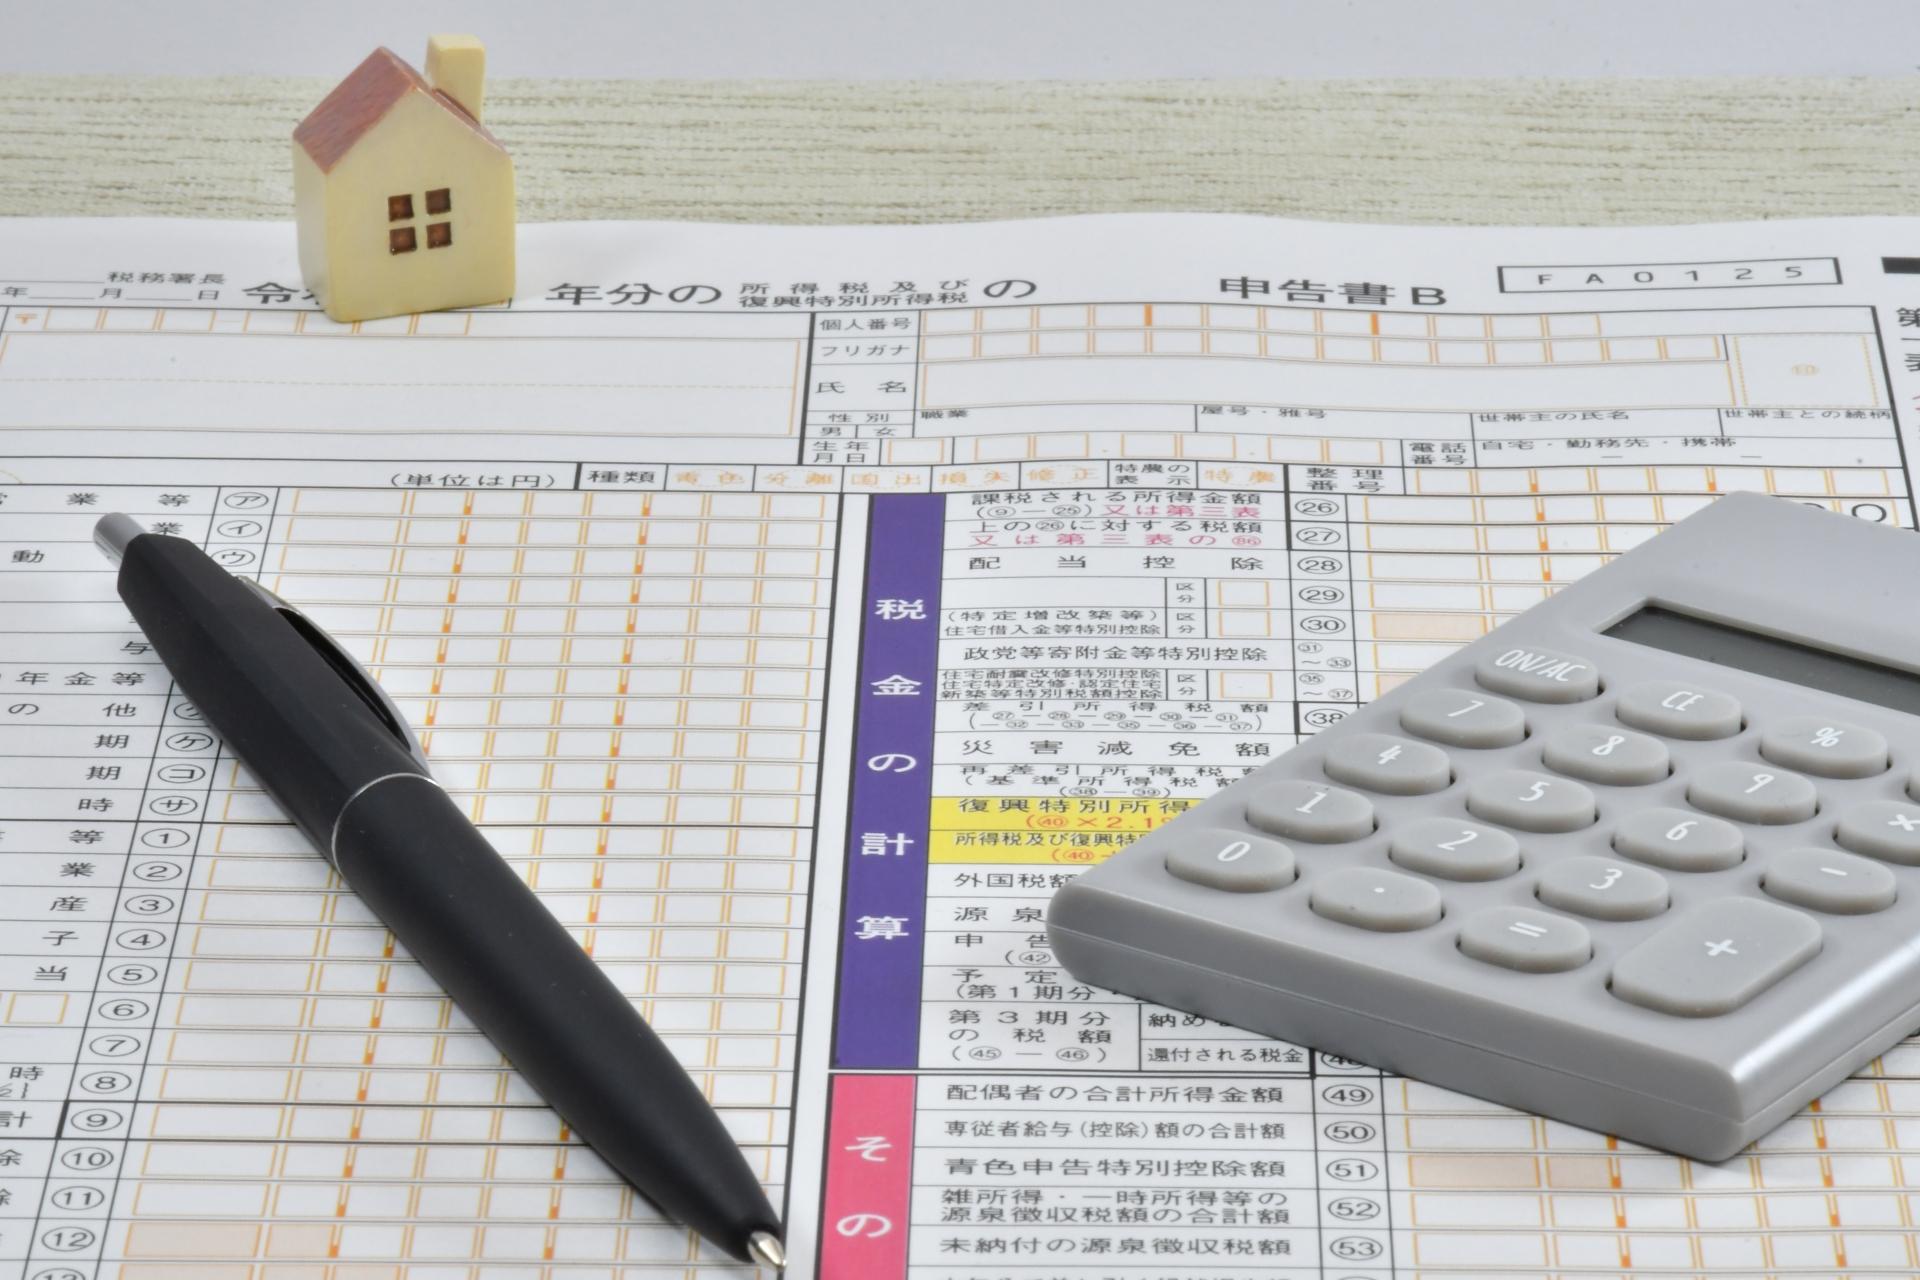 【簡単に分かる】遺品整理での相続税を6つのポイントで徹底解説!